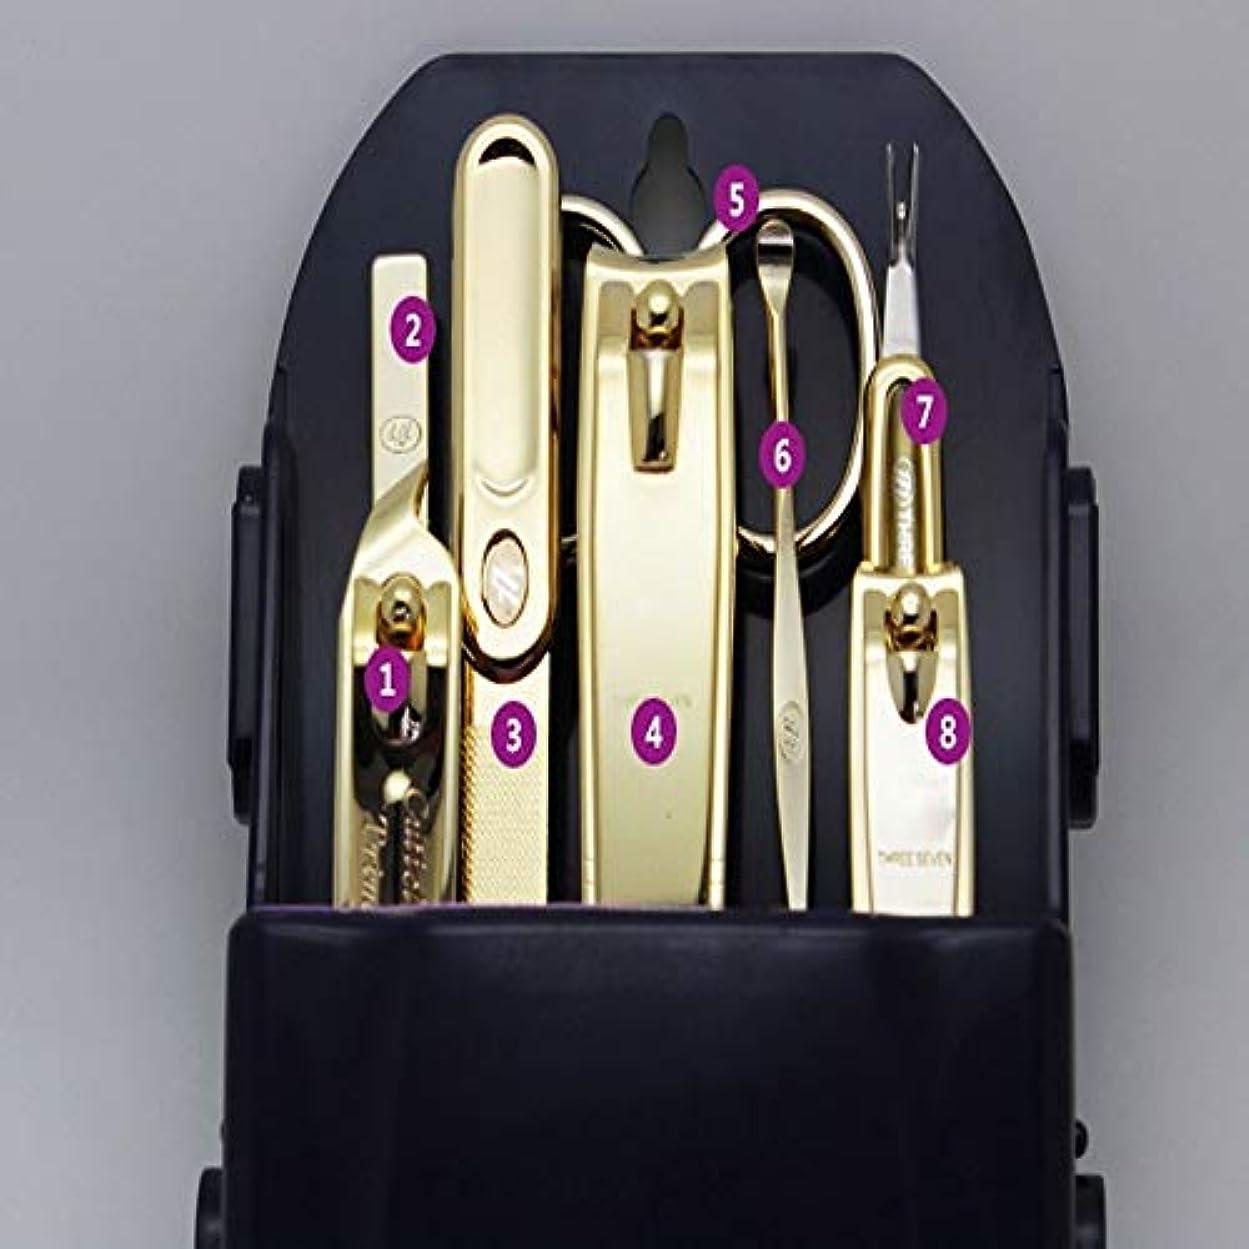 労苦墓比類のないZGSH 8セットのマニキュアネイルツールセット、ホームマニキュアネイルクリッパーセット、炭素鋼材料、高硬度 (Color : Gold)